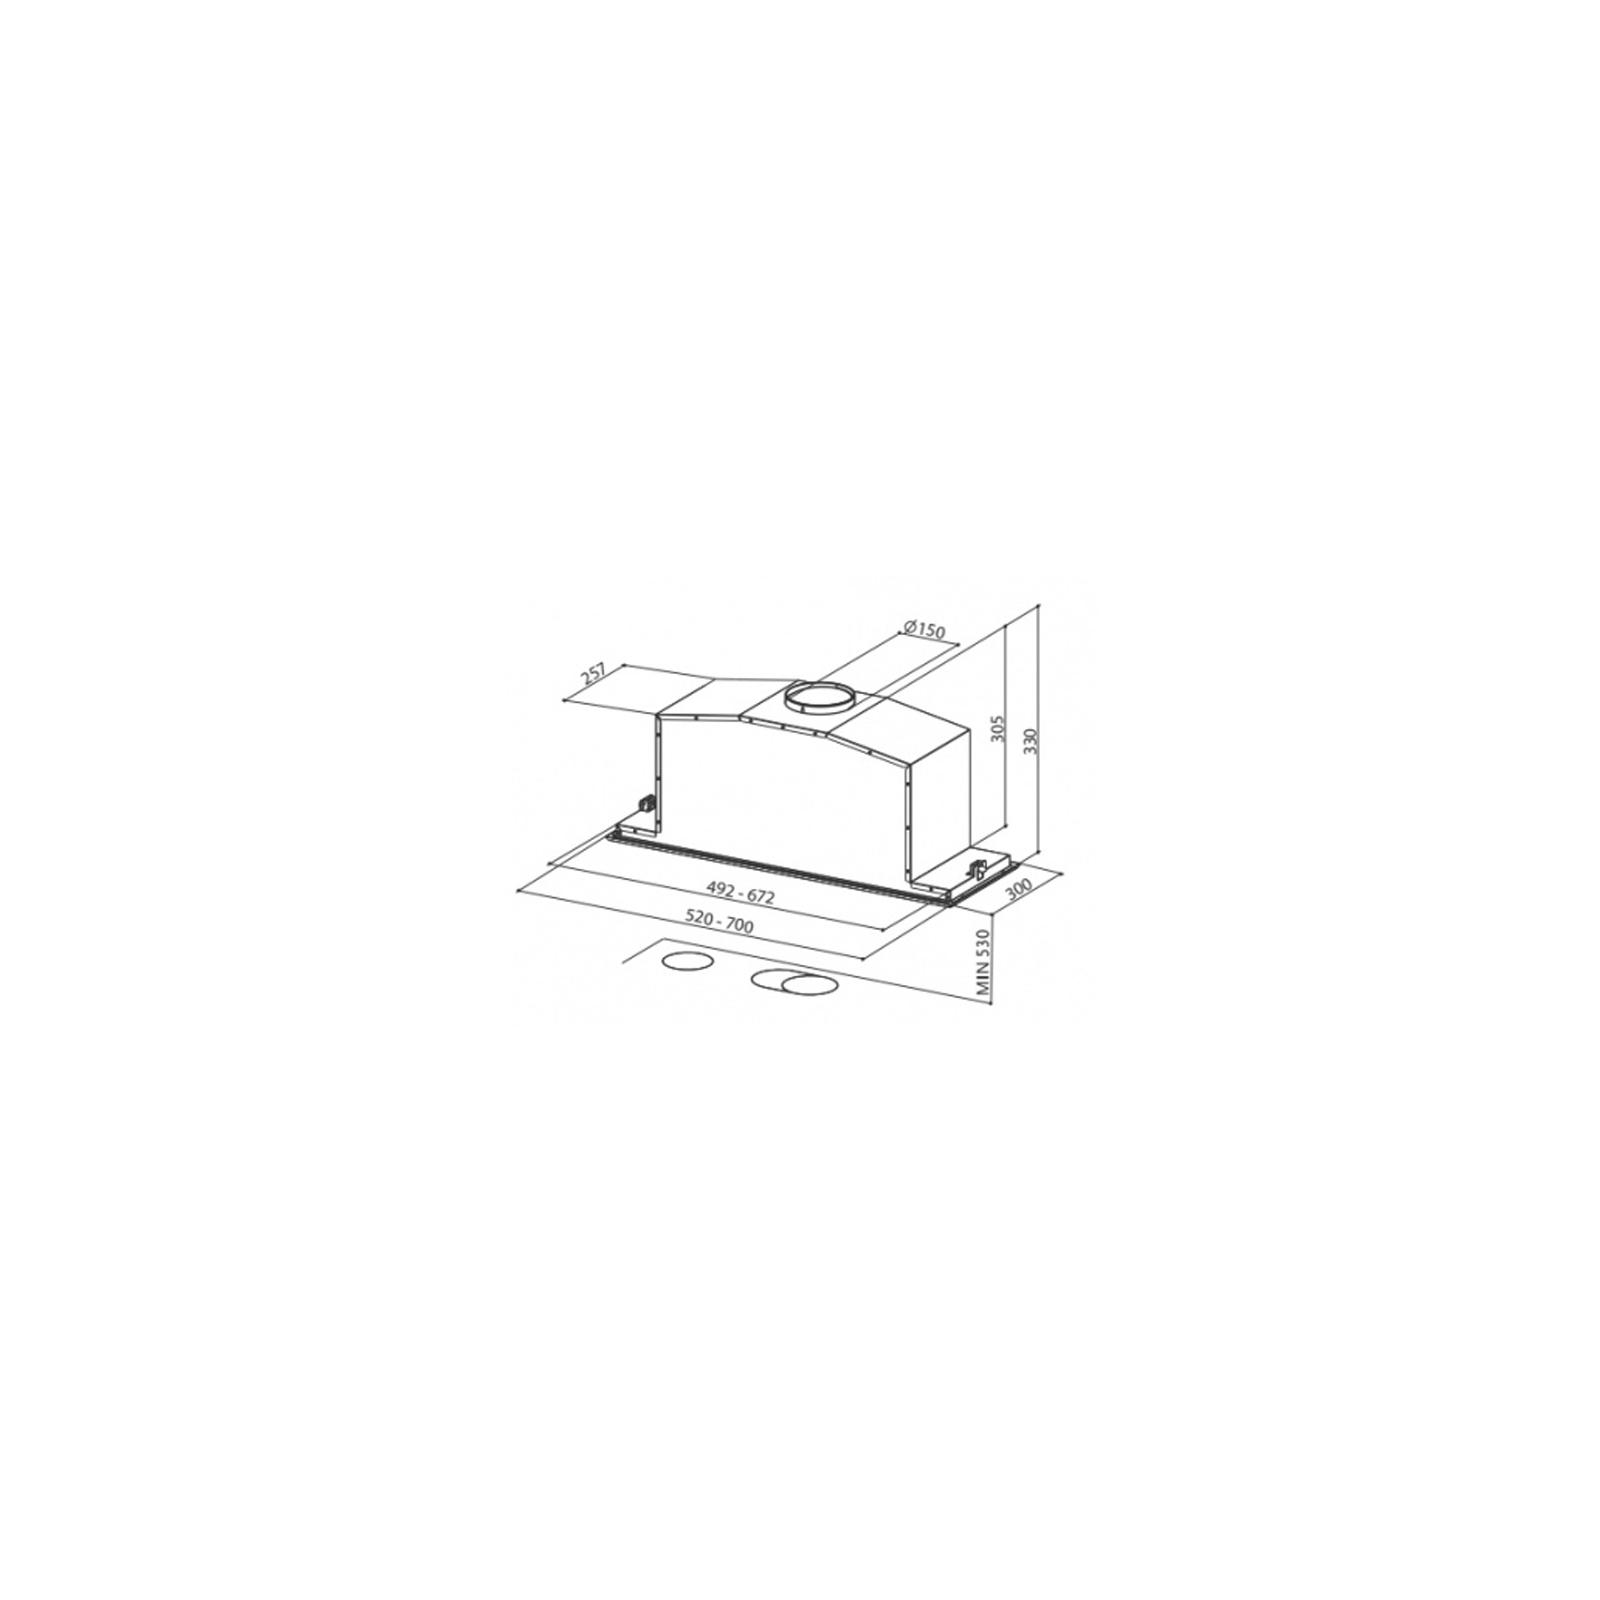 Вытяжка кухонная Faber INCA LUX 2.0 EG8 X A70 изображение 2